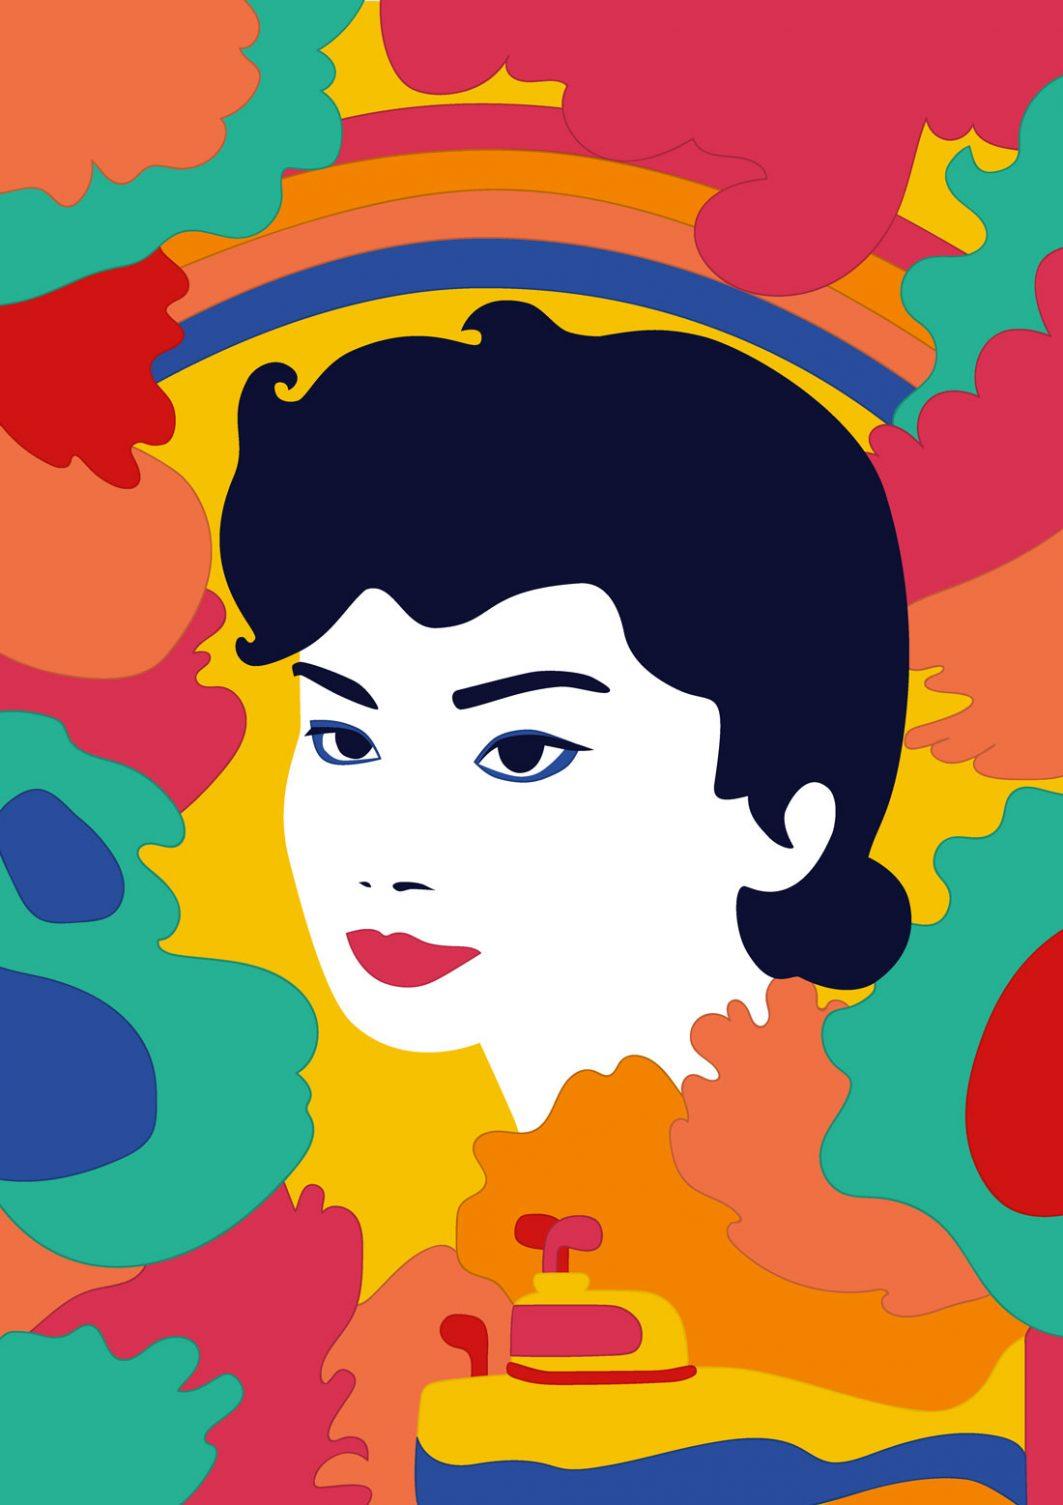 Zeichnung eines Frauenkopfes mit schwarzen, kurzen Haaren, einem Regenbogen im Hintergrund und bunten Farbflecken.